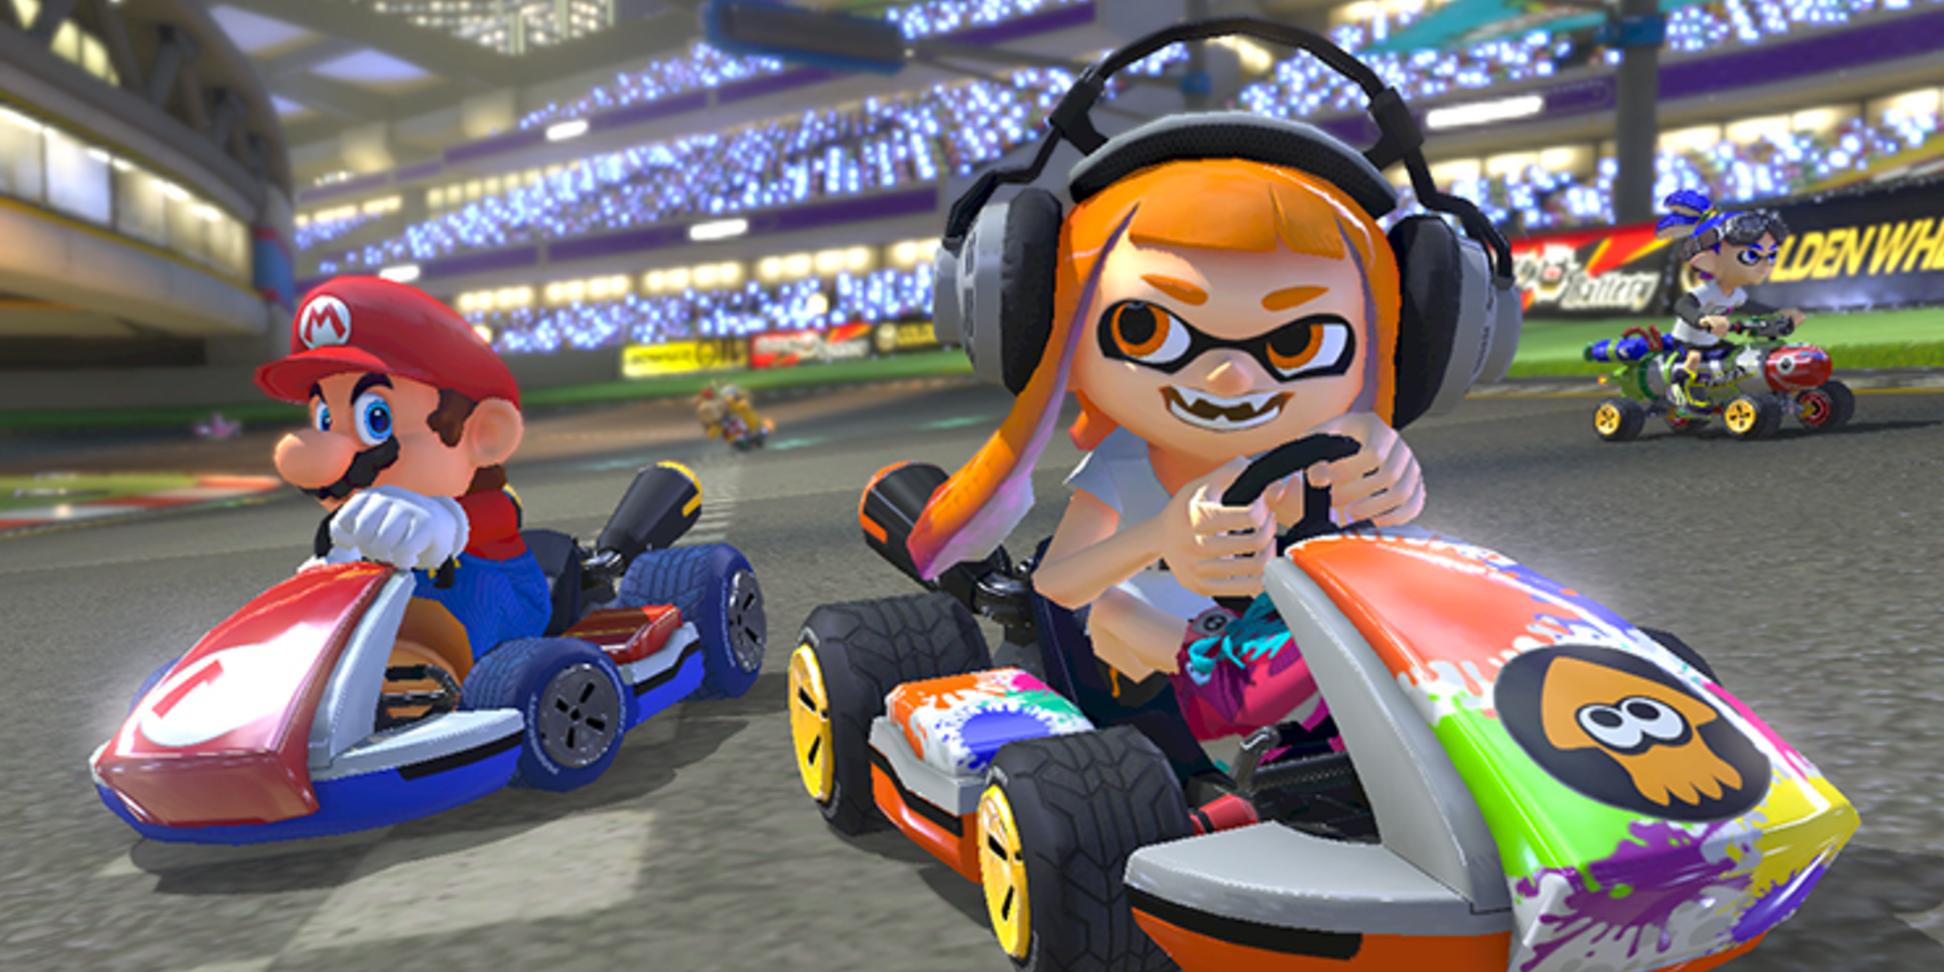 'Mario Kart 8 Deluxe'